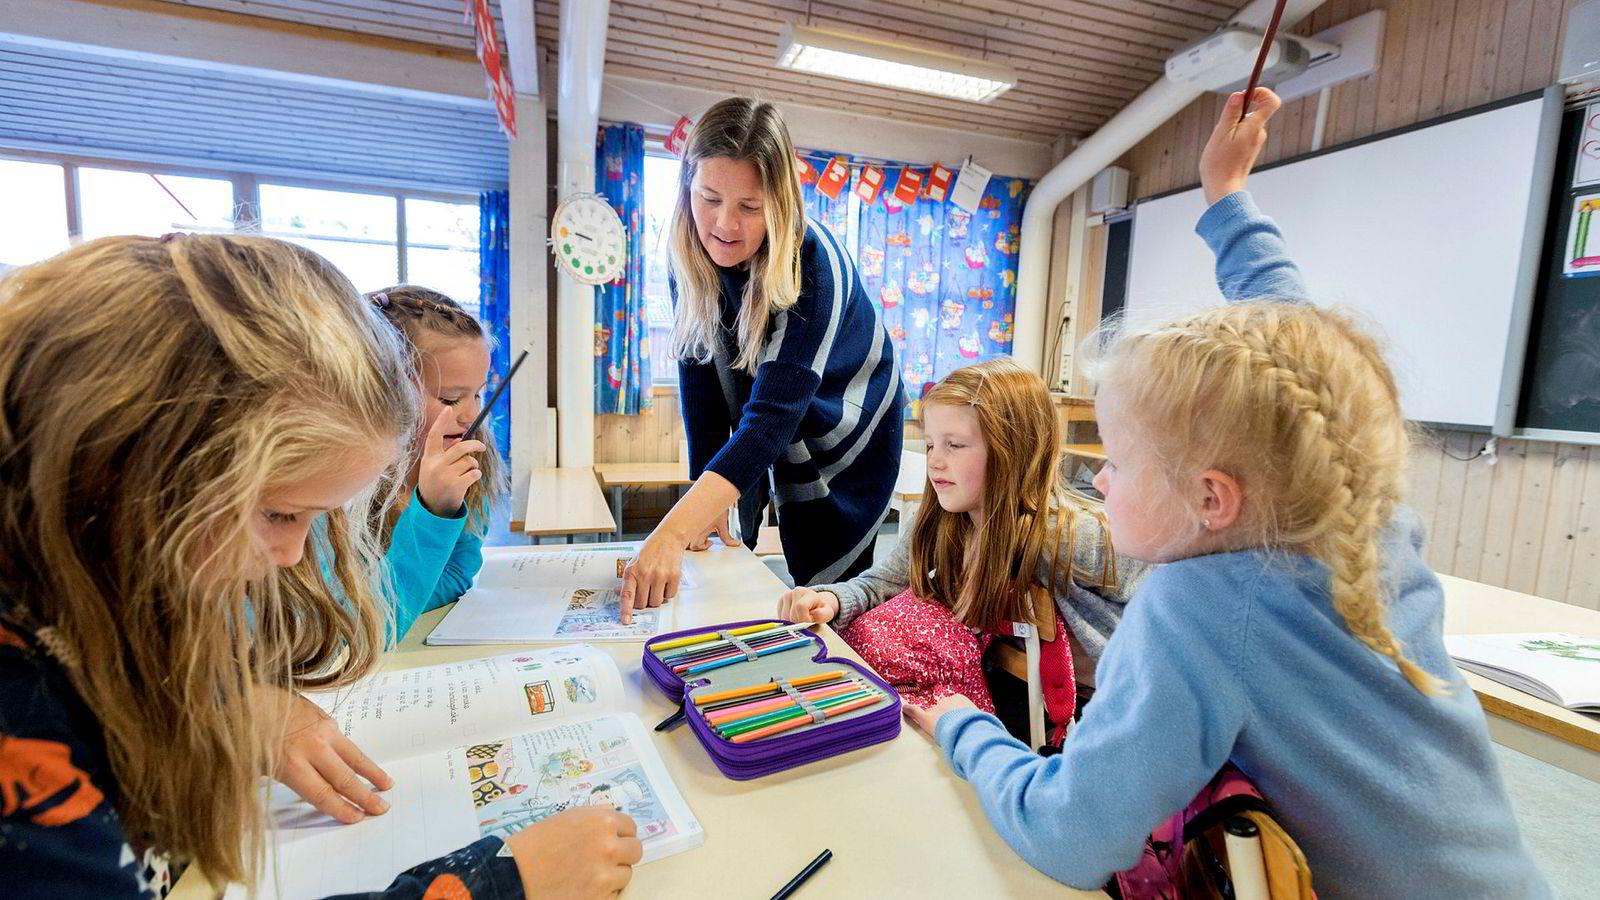 Resultatene viser store forskjeller mellom kommuner. Dersom man på mellom- og ungdomstrinnet sammenligner de ti prosent beste kommunene med de ti prosent dårligste, tilsvarer forskjellen i læring nesten et helt skoleår.